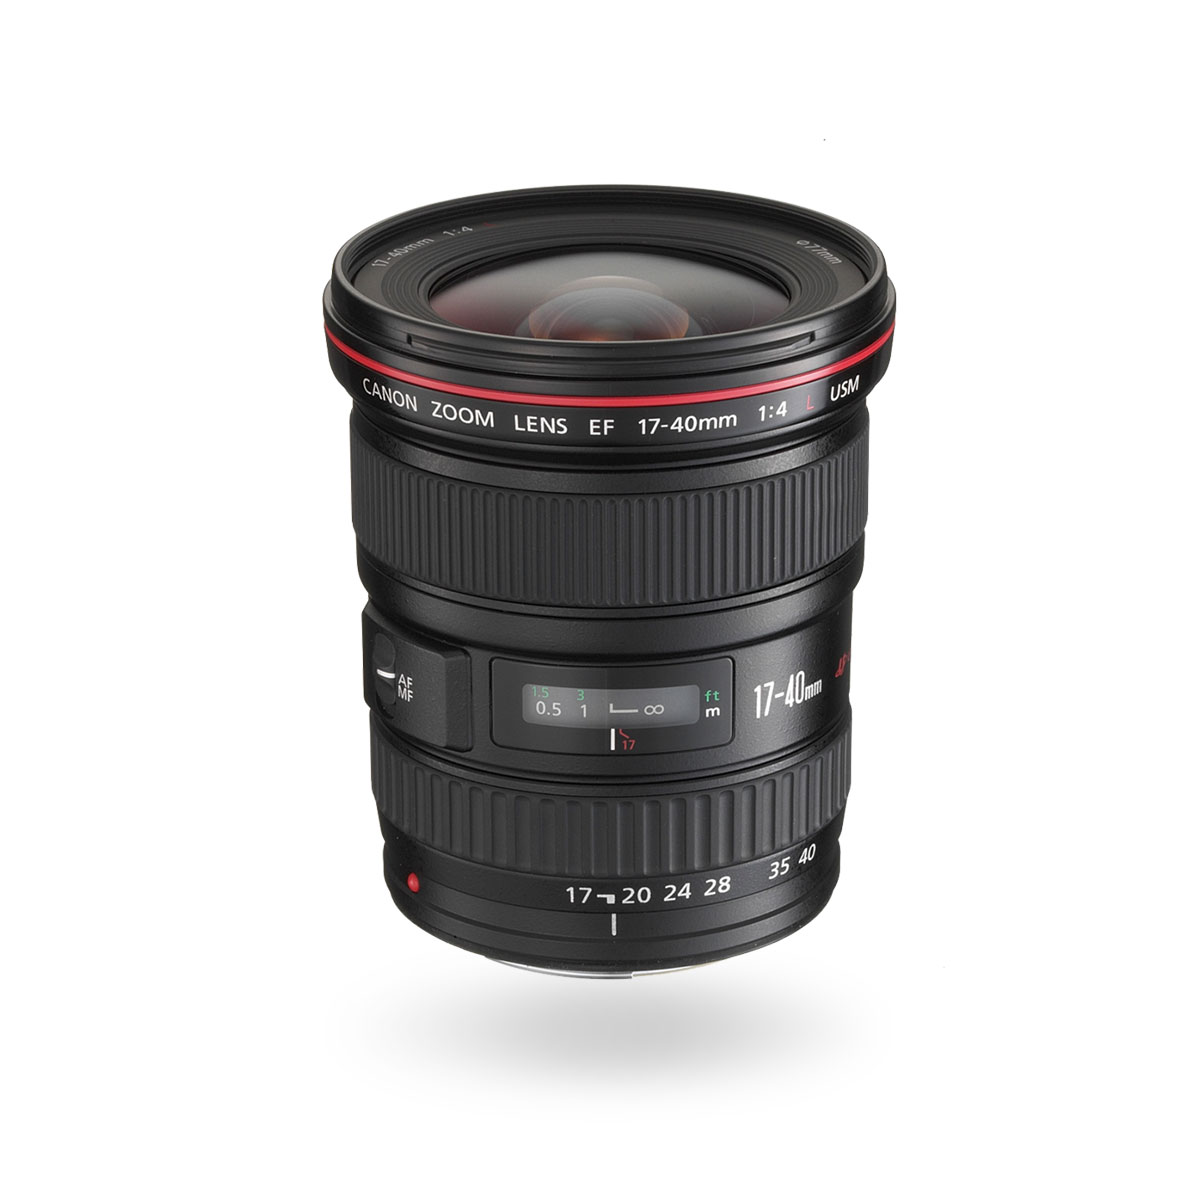 EF 17-40mm f/4L USM lens